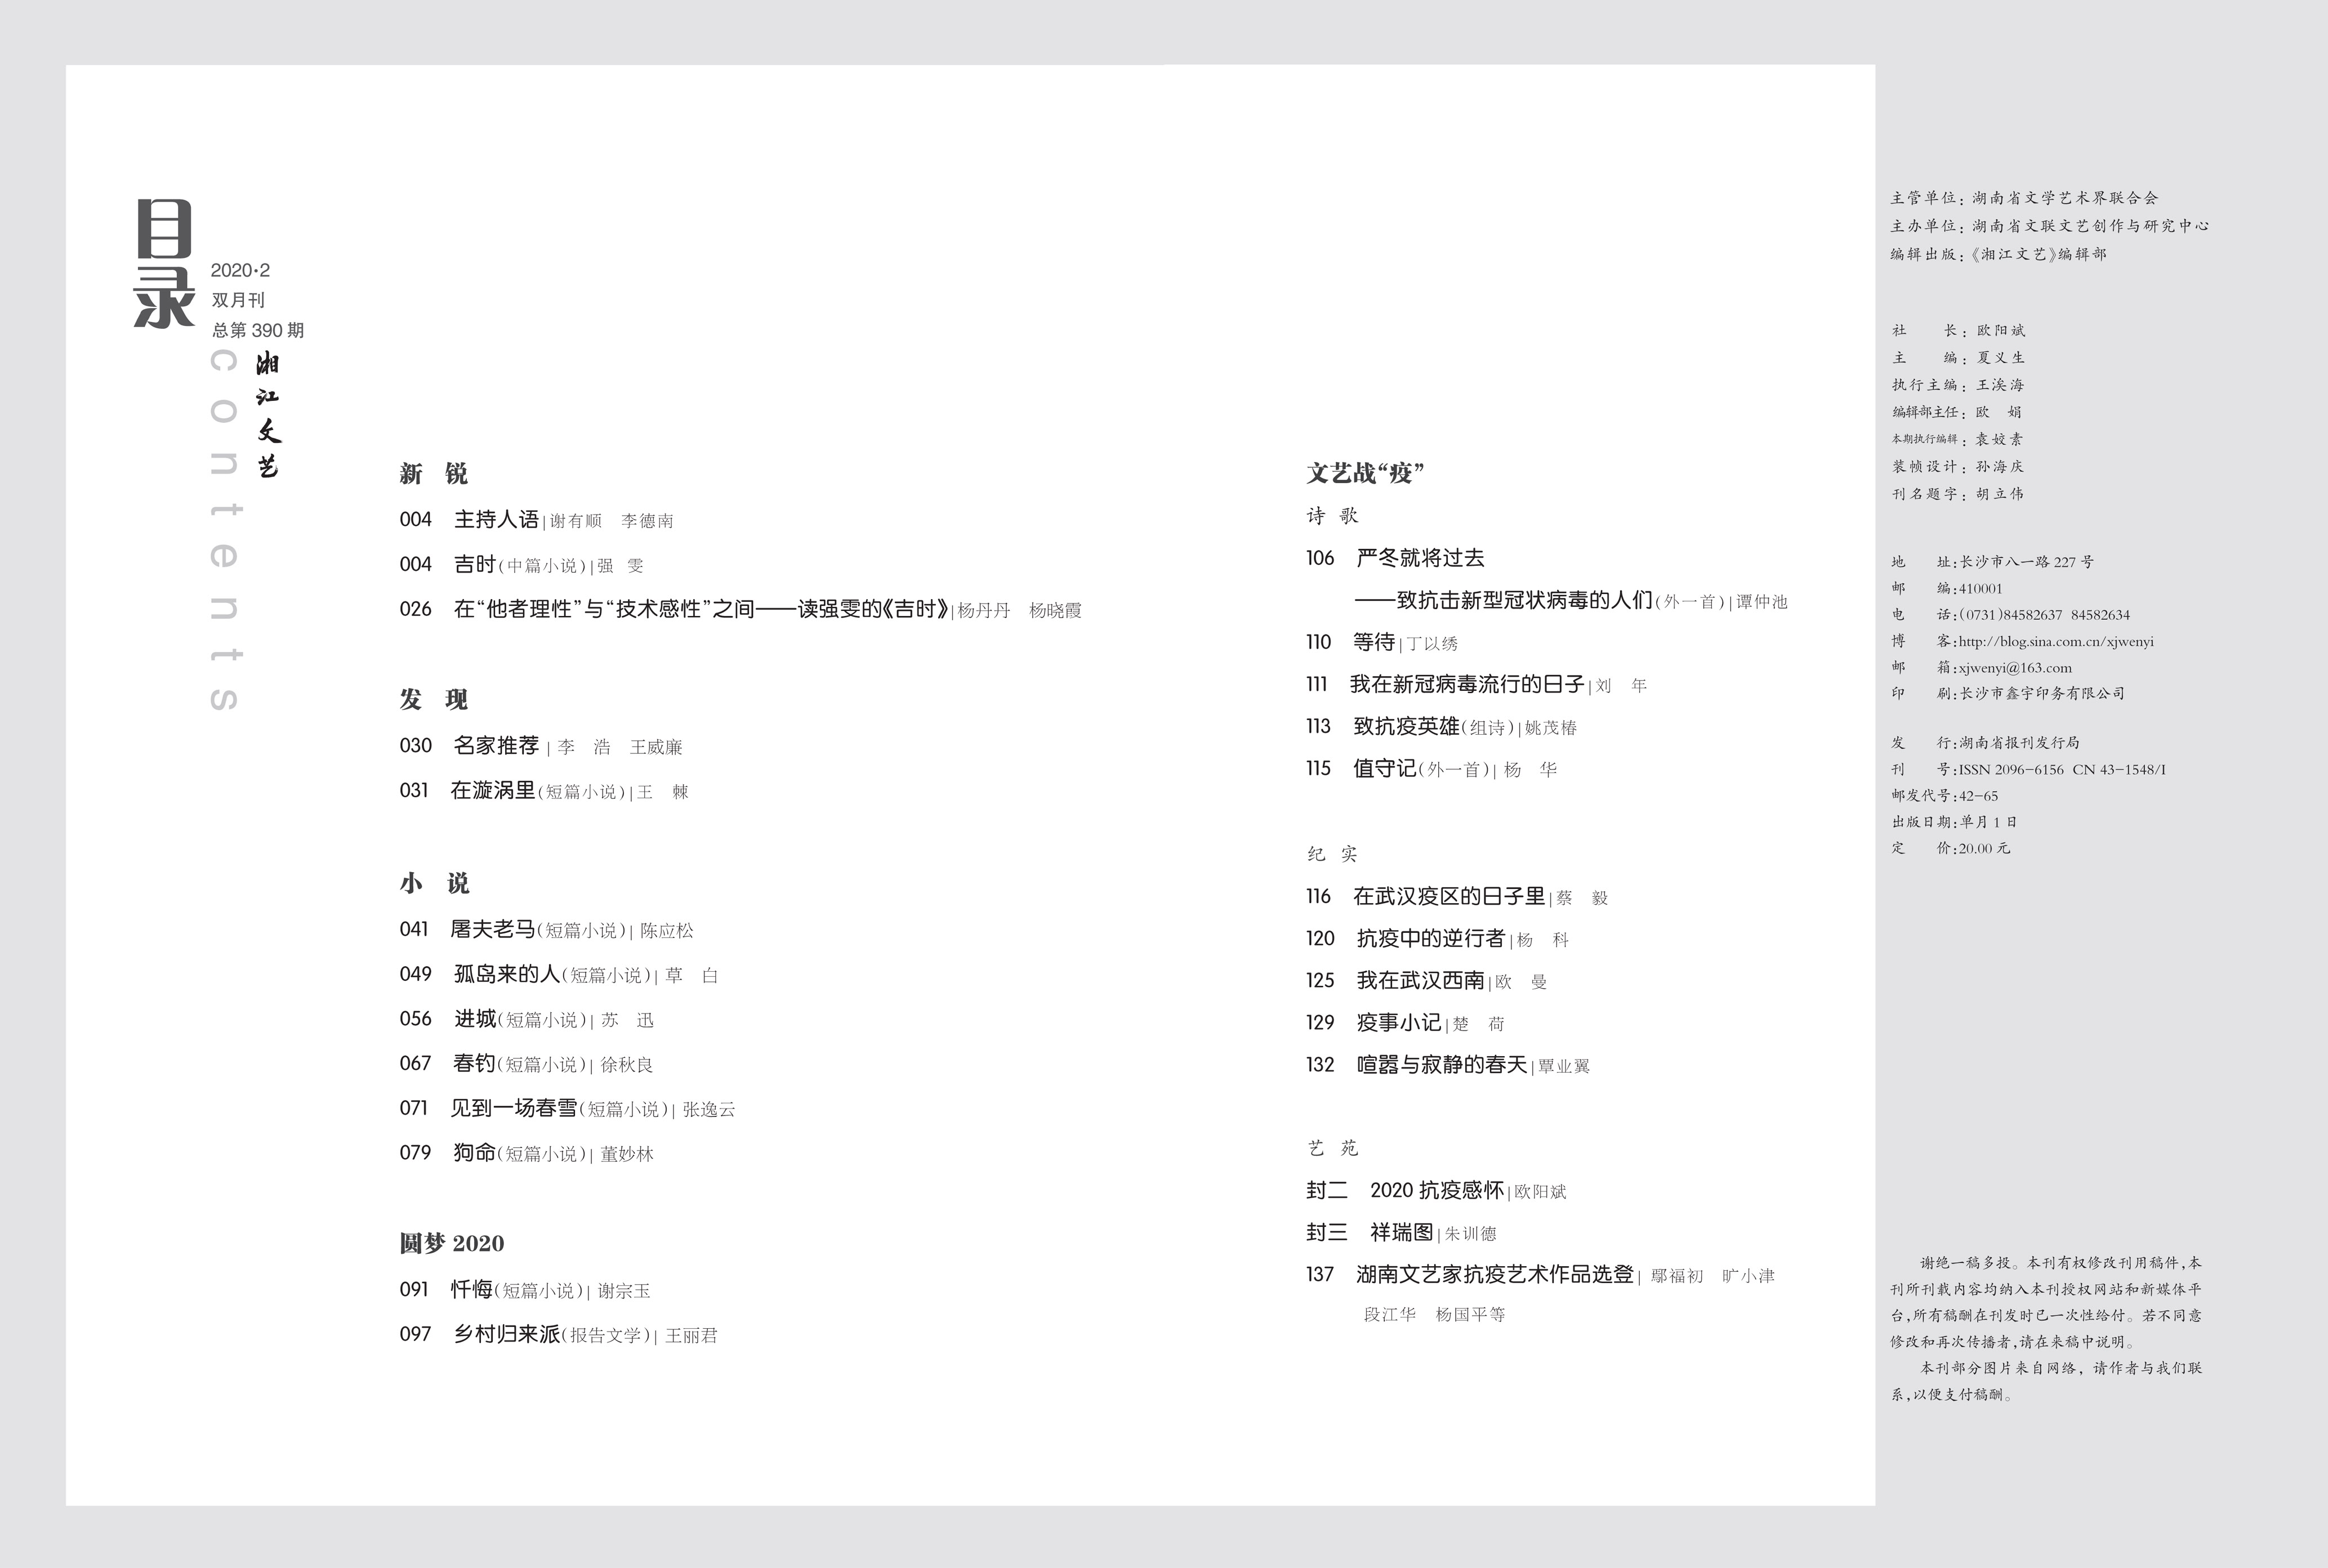 2020年 2 期  湘江文艺  目录.jpg